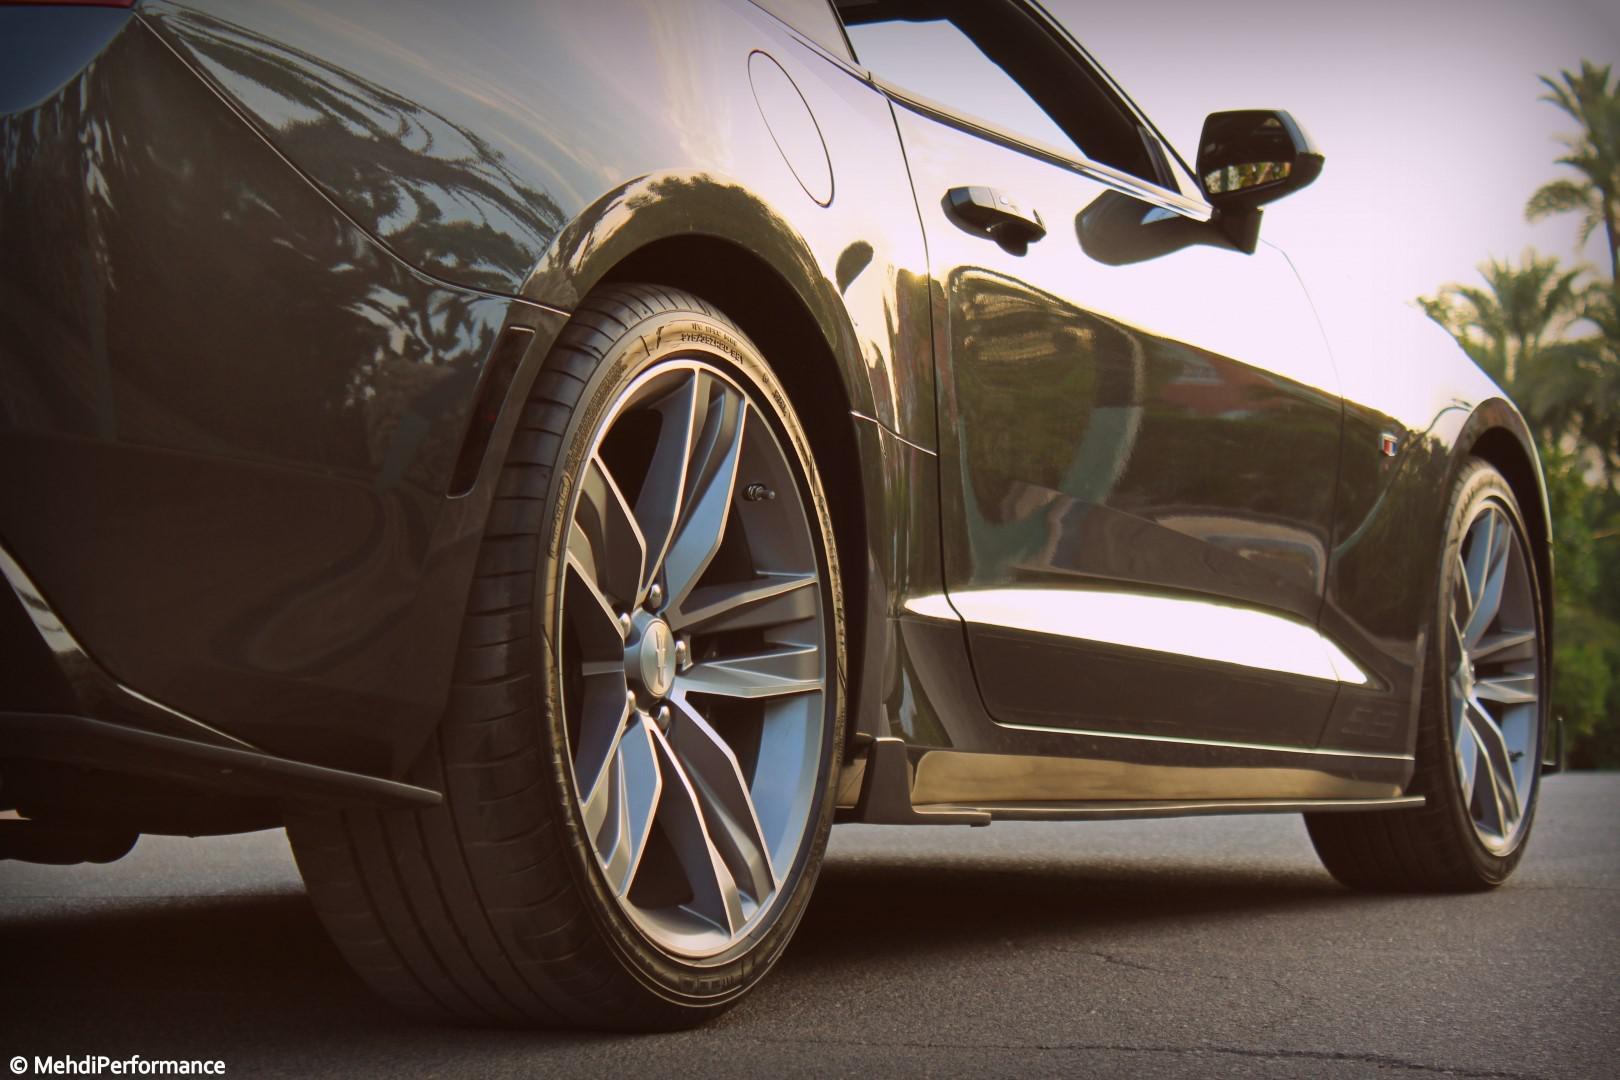 le-premier-et-le-seul-exemplaire-au-maroc-chevrolet-camaro-super-sport-lt1-318-4.jpg